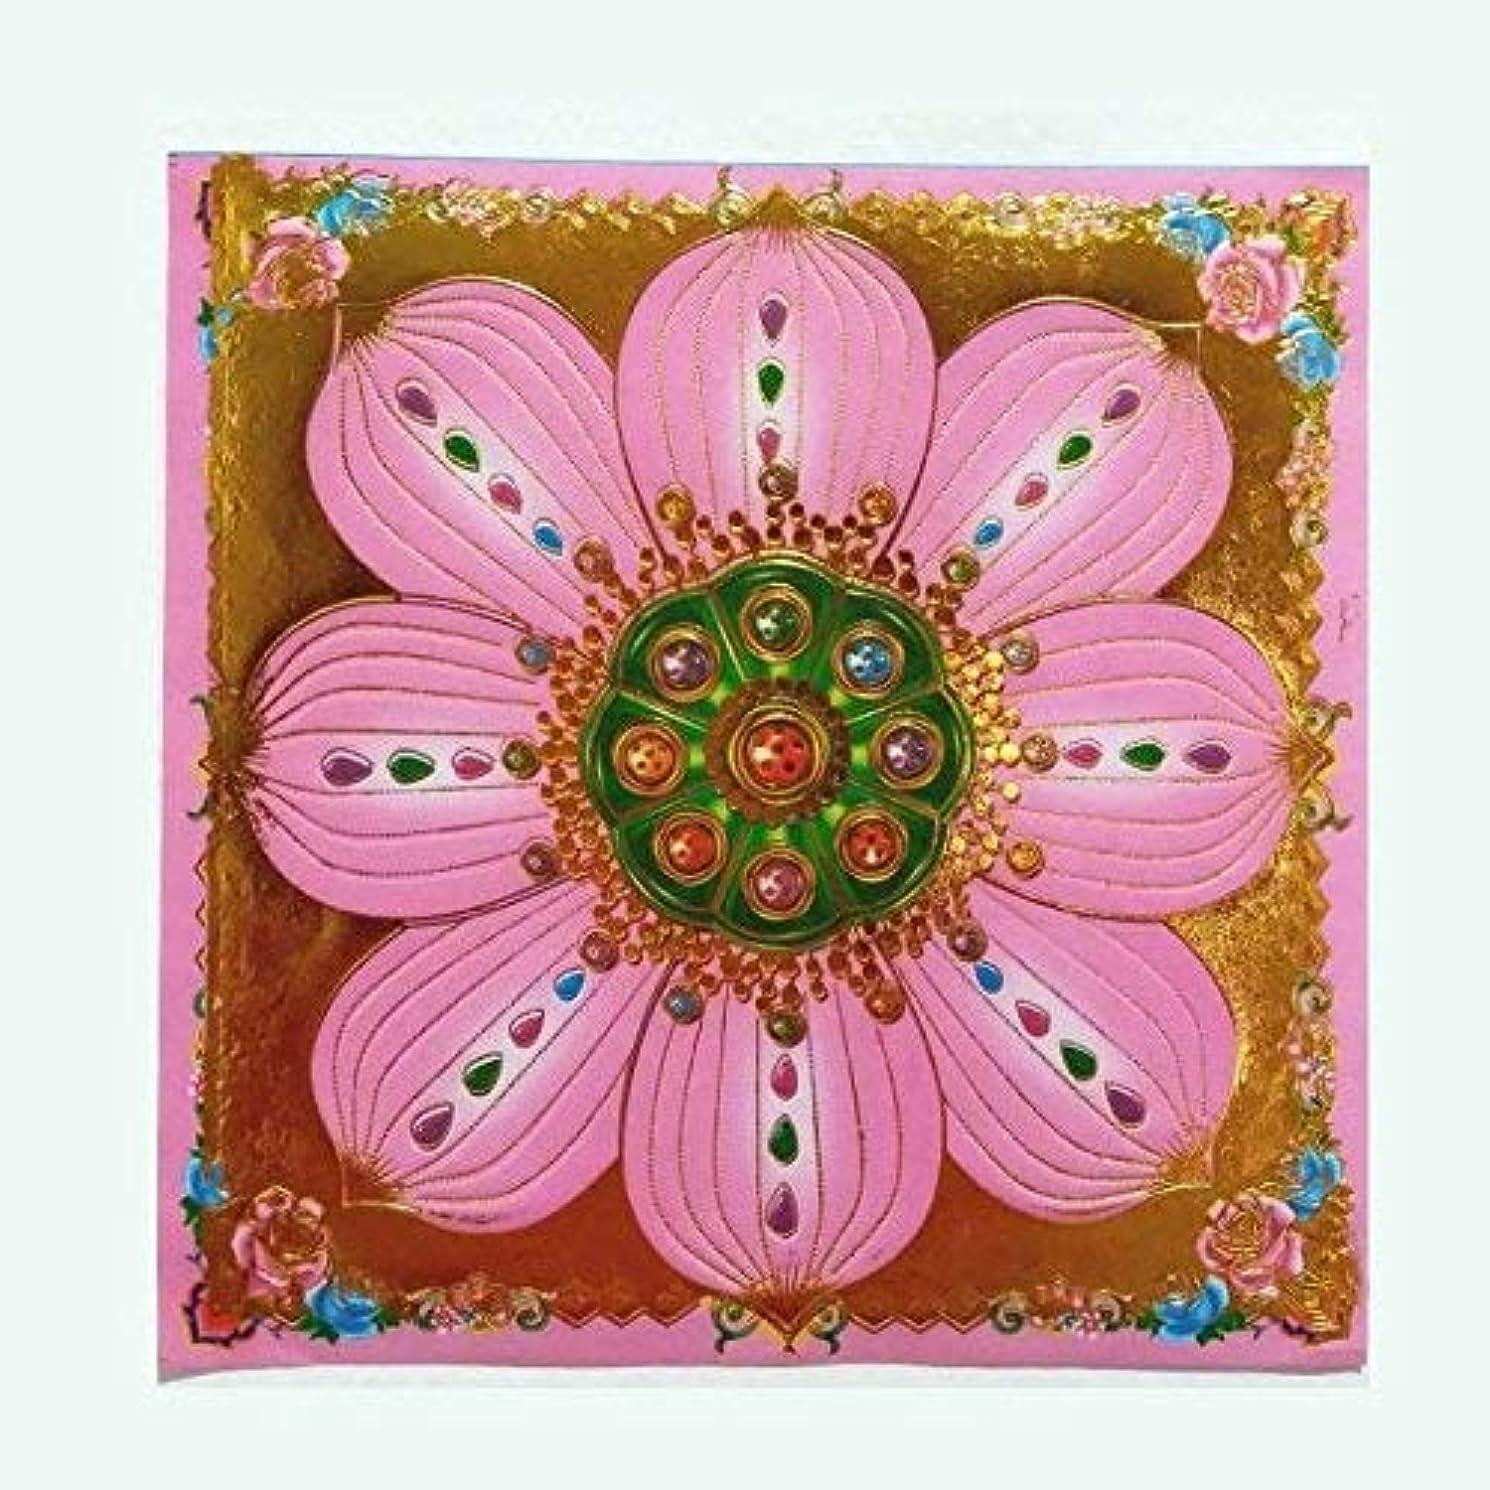 誘う生きる倉庫40pcs Incense用紙/ Joss用紙ハイグレードカラフルwithゴールドの箔Sサイズの祖先Praying 7.5インチx 7.5インチ(ピンク)